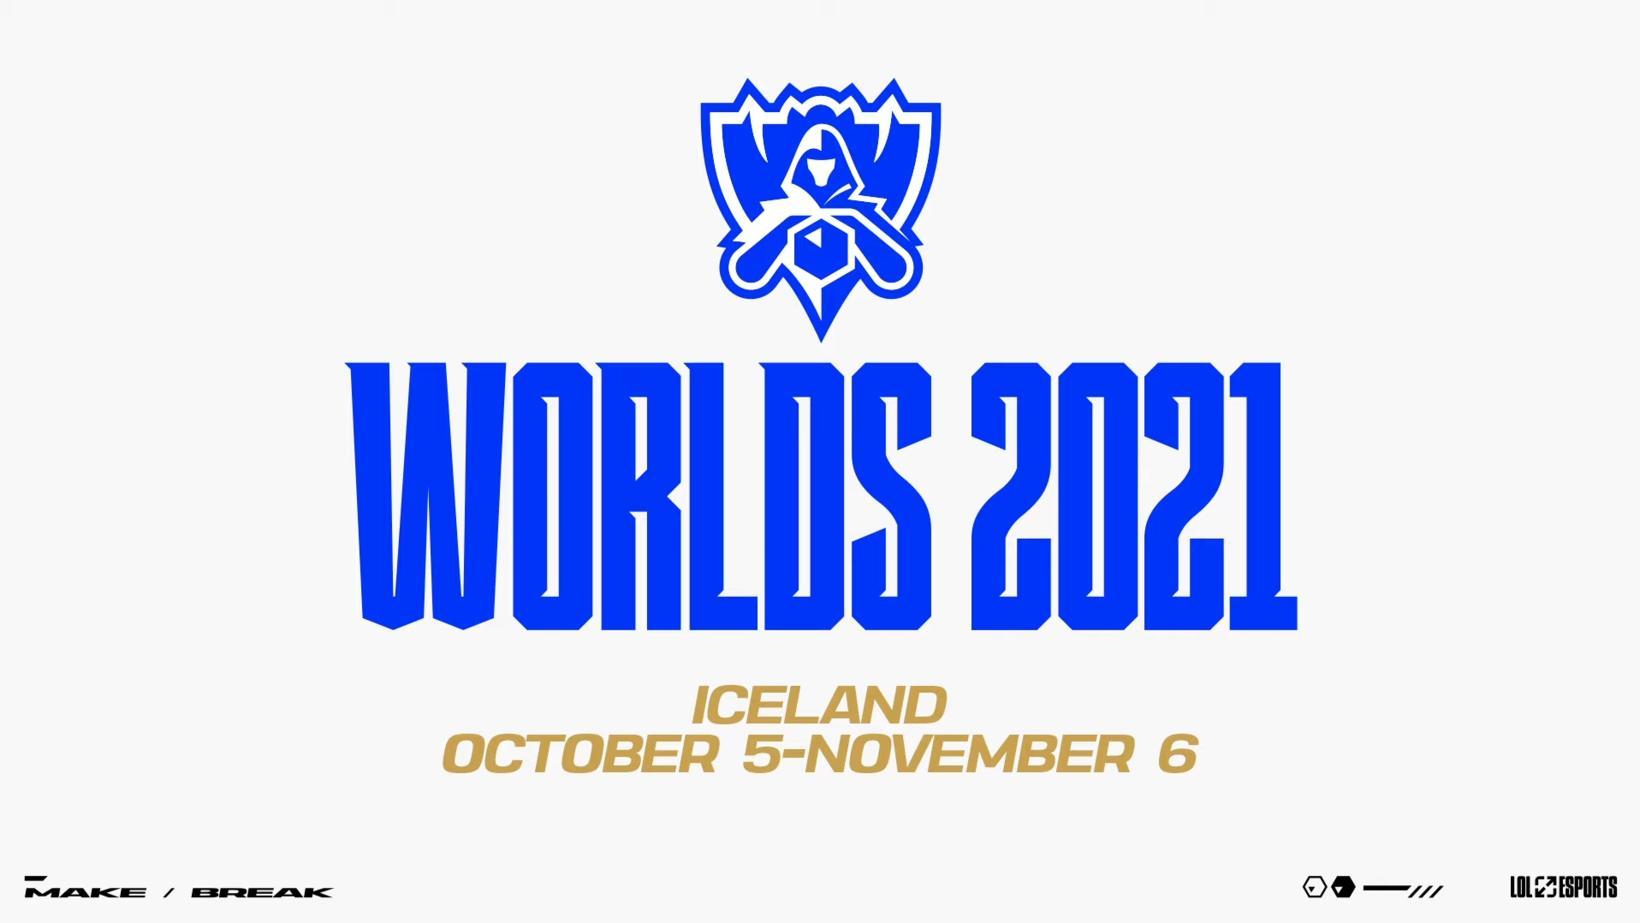 Worlds 2021, heimsmeistaramótið í League of Legends, fer fram á …